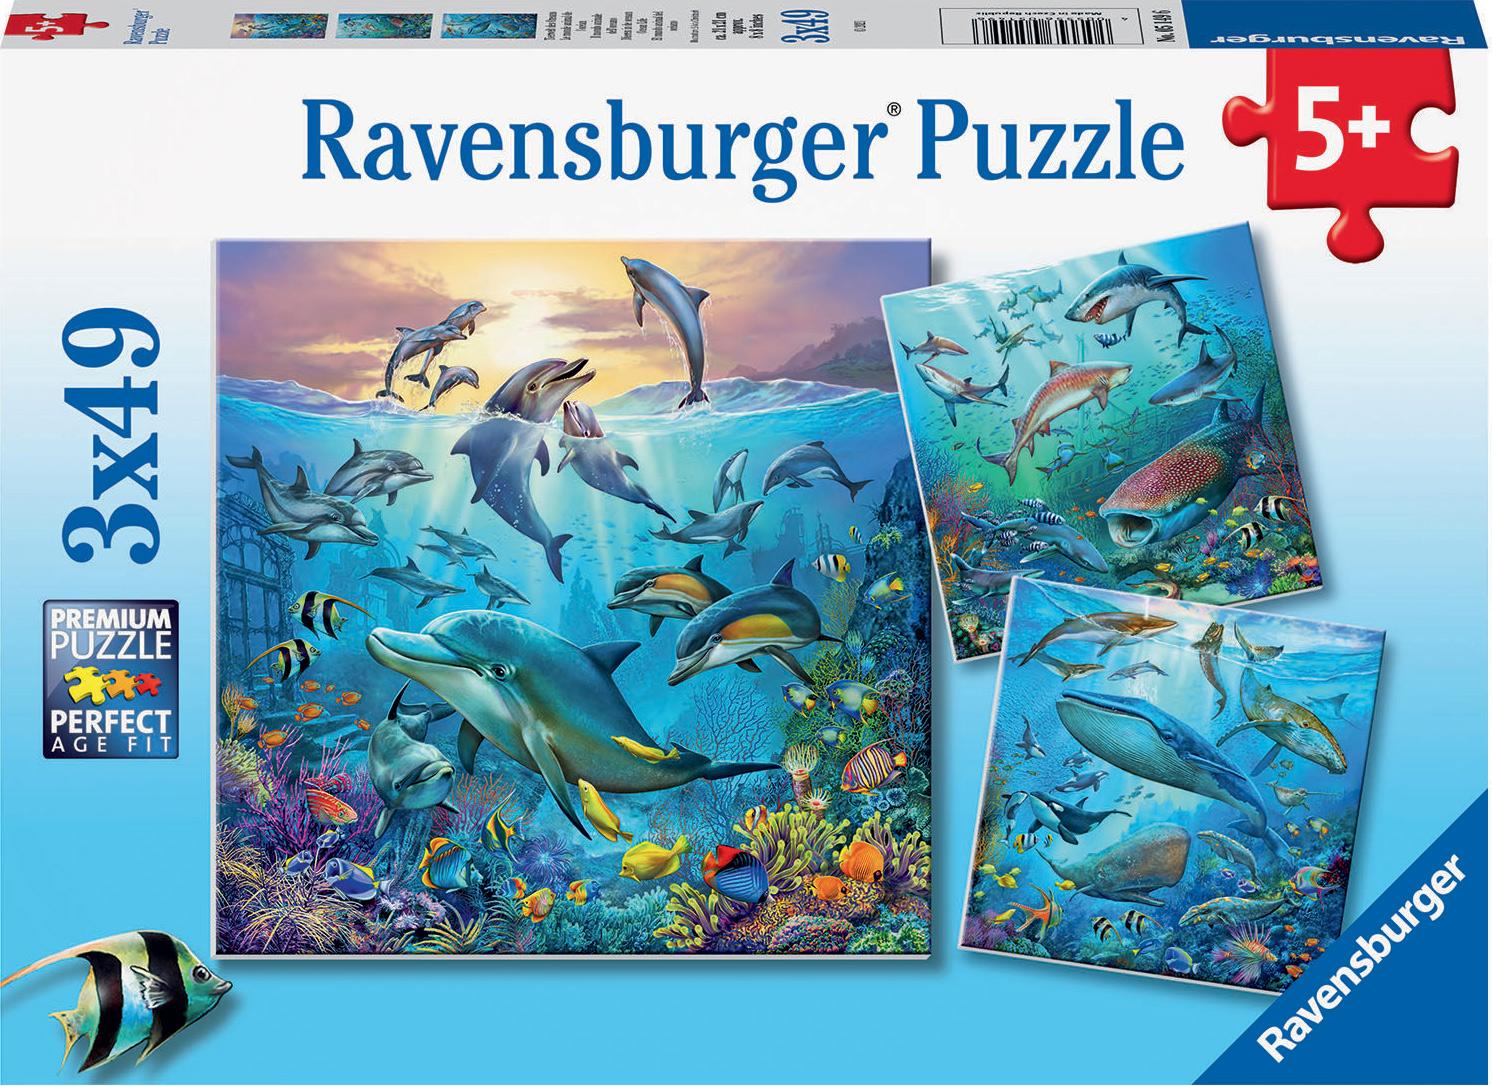 Ocean Life Under The Sea Children's Puzzles